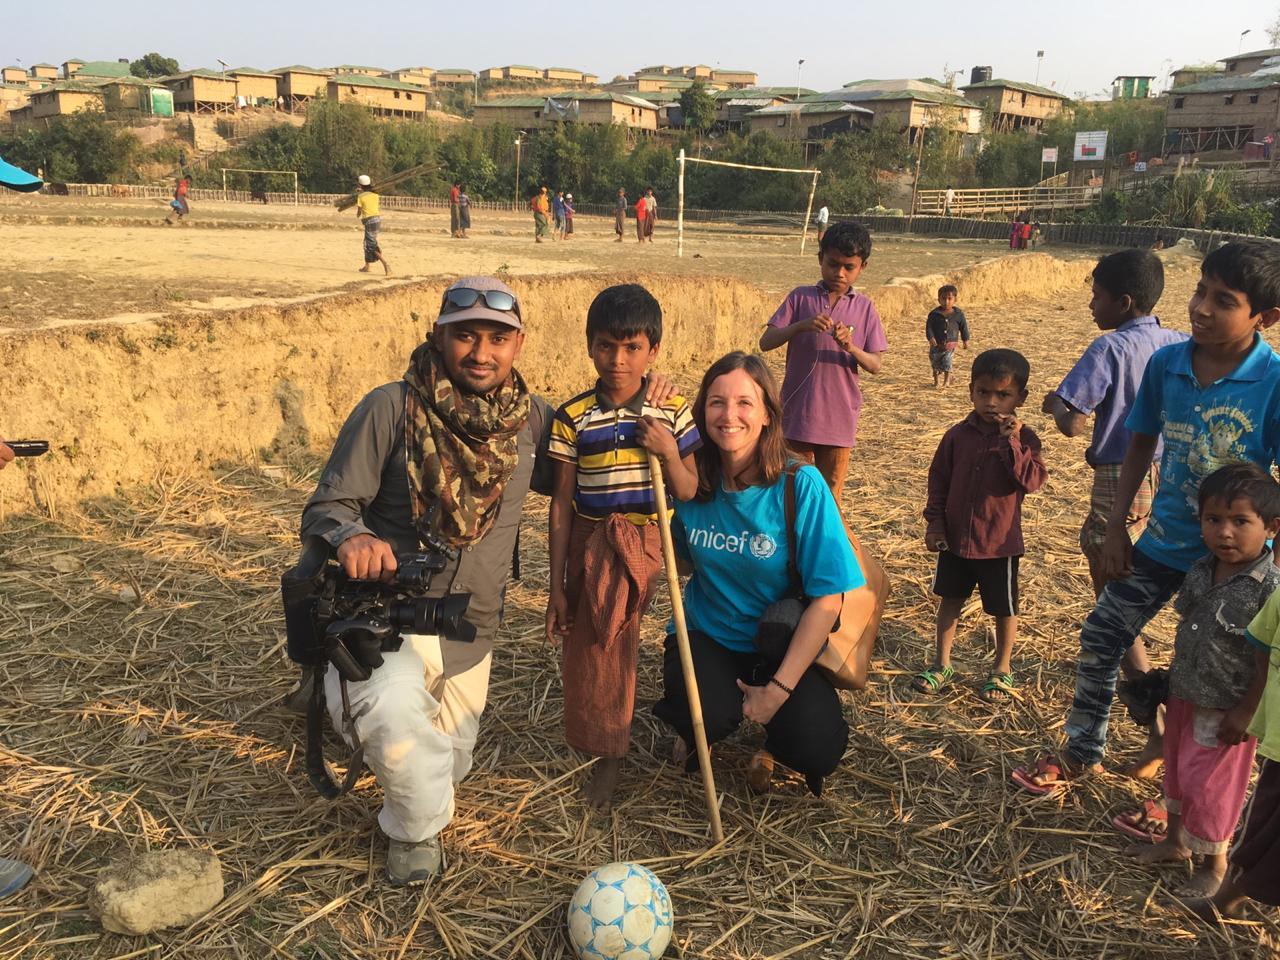 Karen with Jubair, who lost his leg fleeing Myanmar